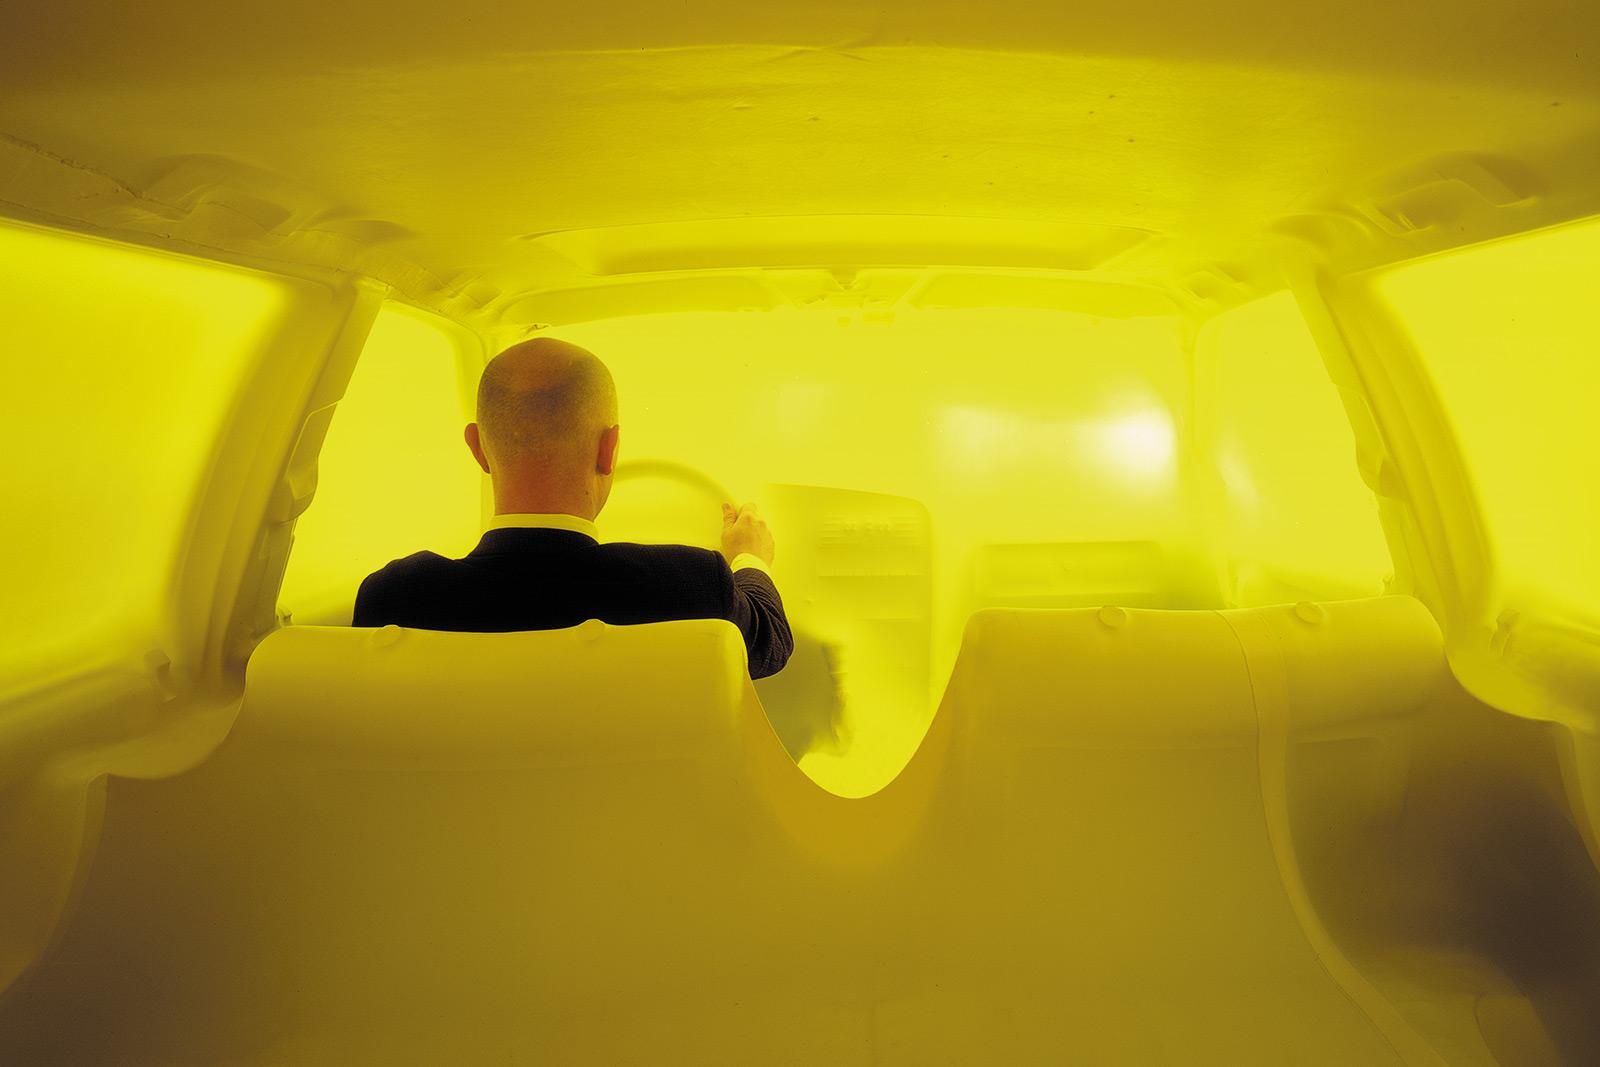 carsculpture, quarantine, skin, isolation